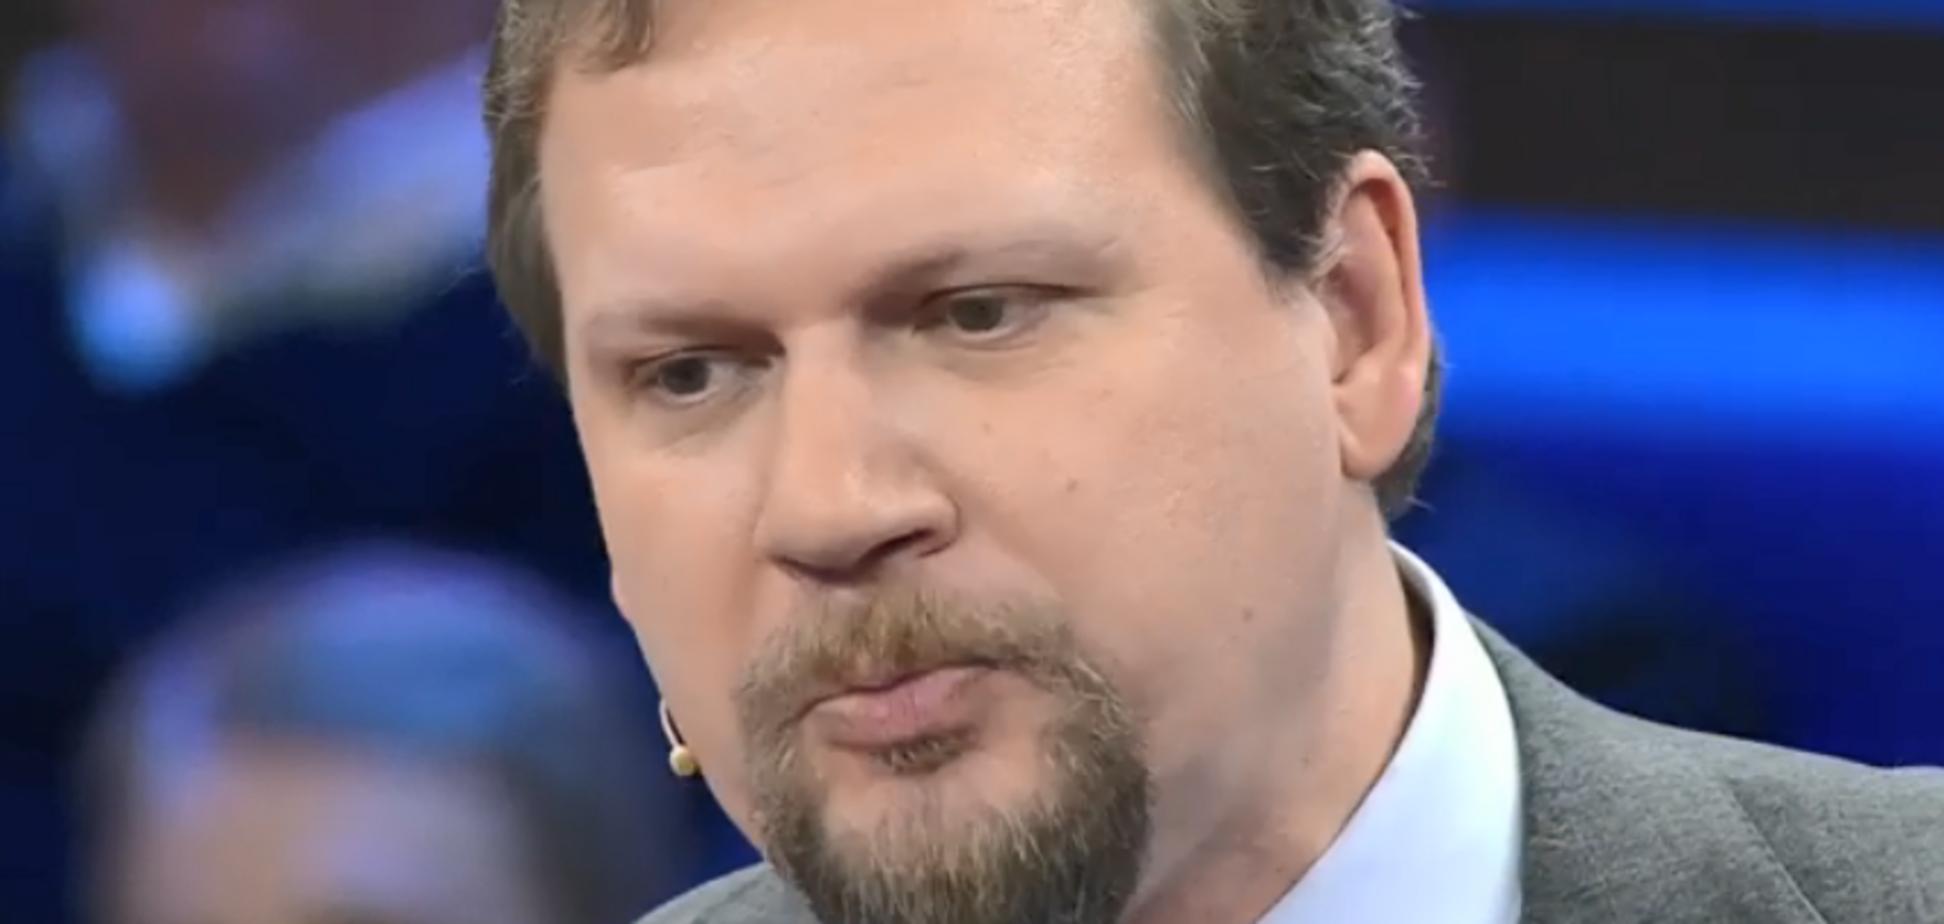 ''Тебя надо заткнуть!'' Украинская журналистка унизила голос ''антимайдана'' на росТВ